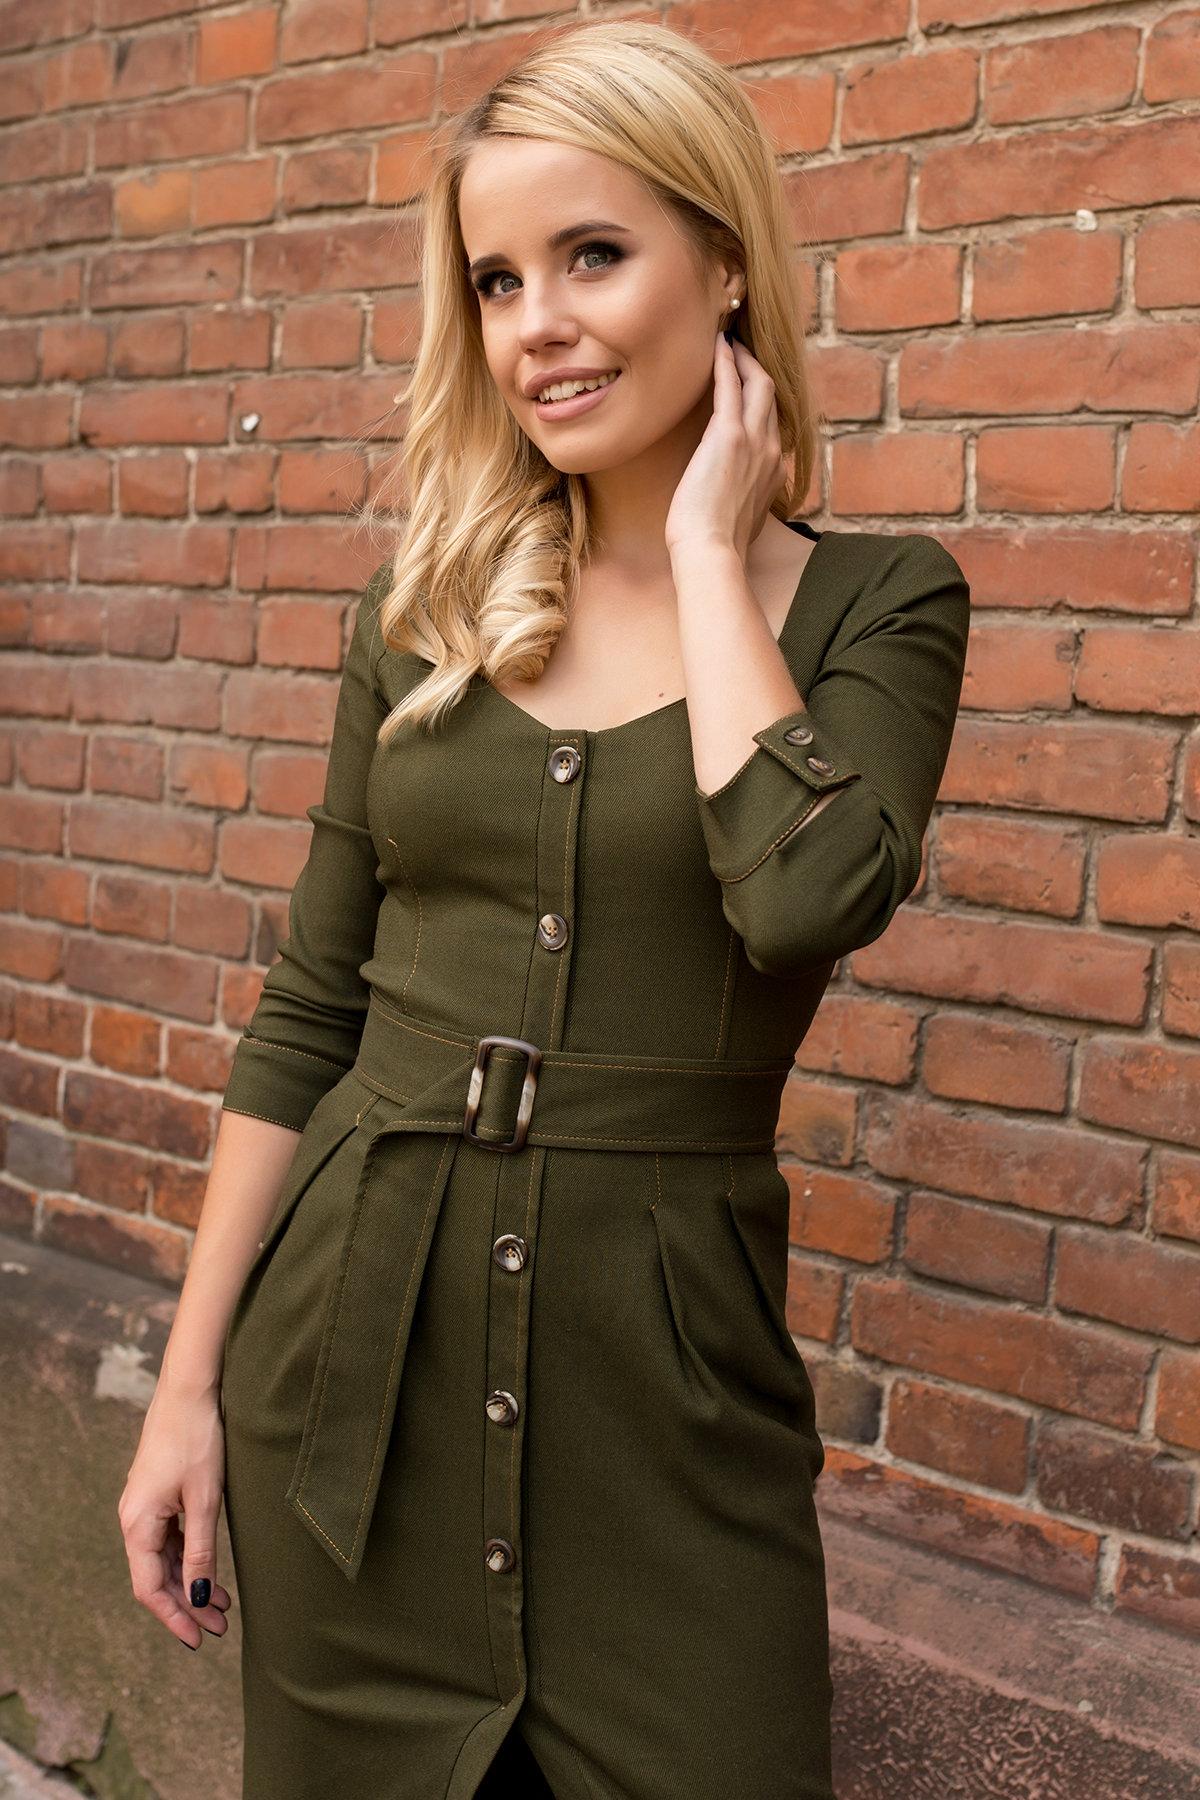 Платье-футляр Марсель 7656 АРТ. 43747 Цвет: Хаки - фото 5, интернет магазин tm-modus.ru